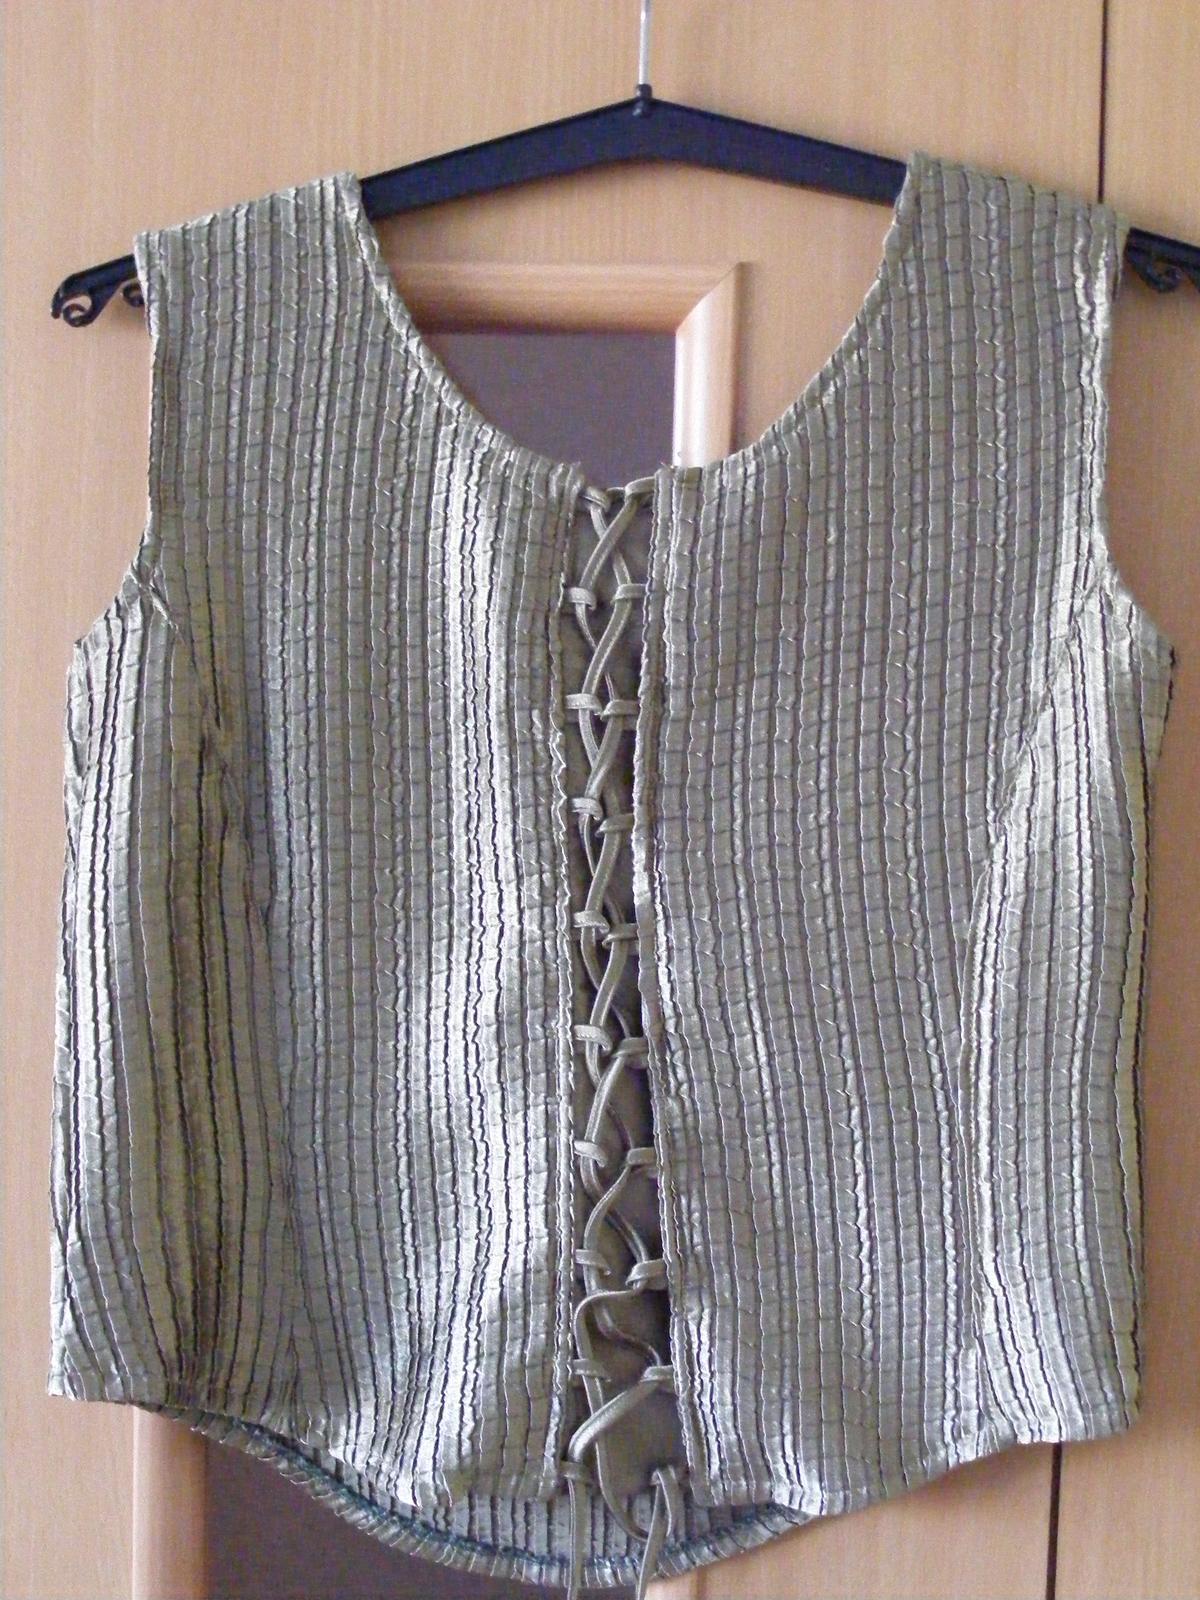 Tmavozelené korzetové šaty - Obrázok č. 3